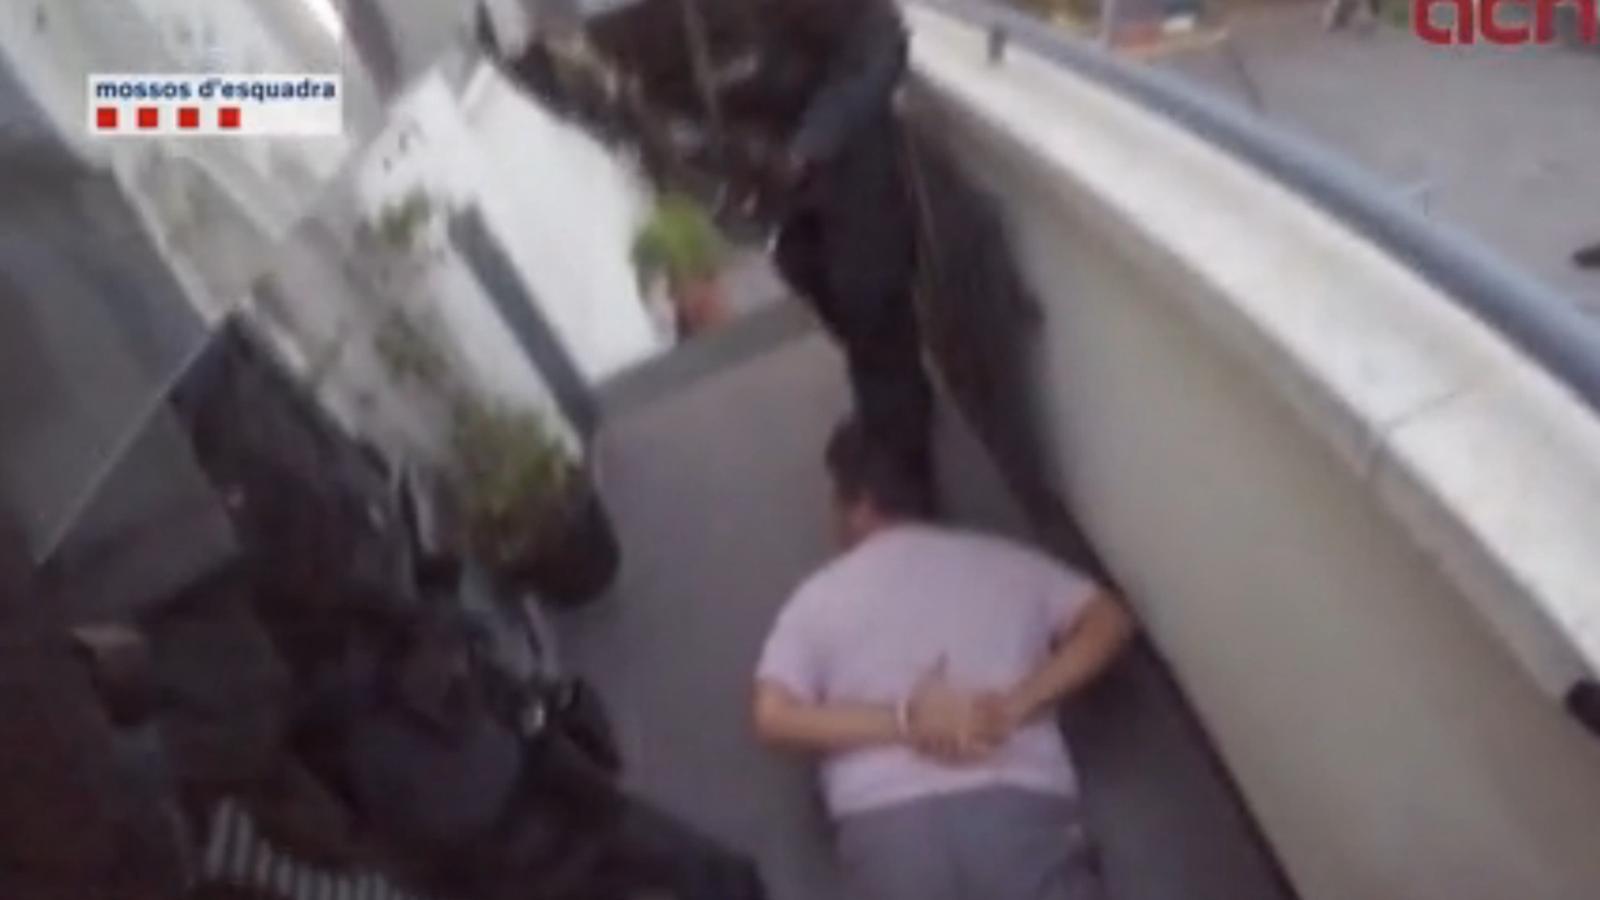 Vídeo de l'operació policial per detenir un possible atracador a Cunit